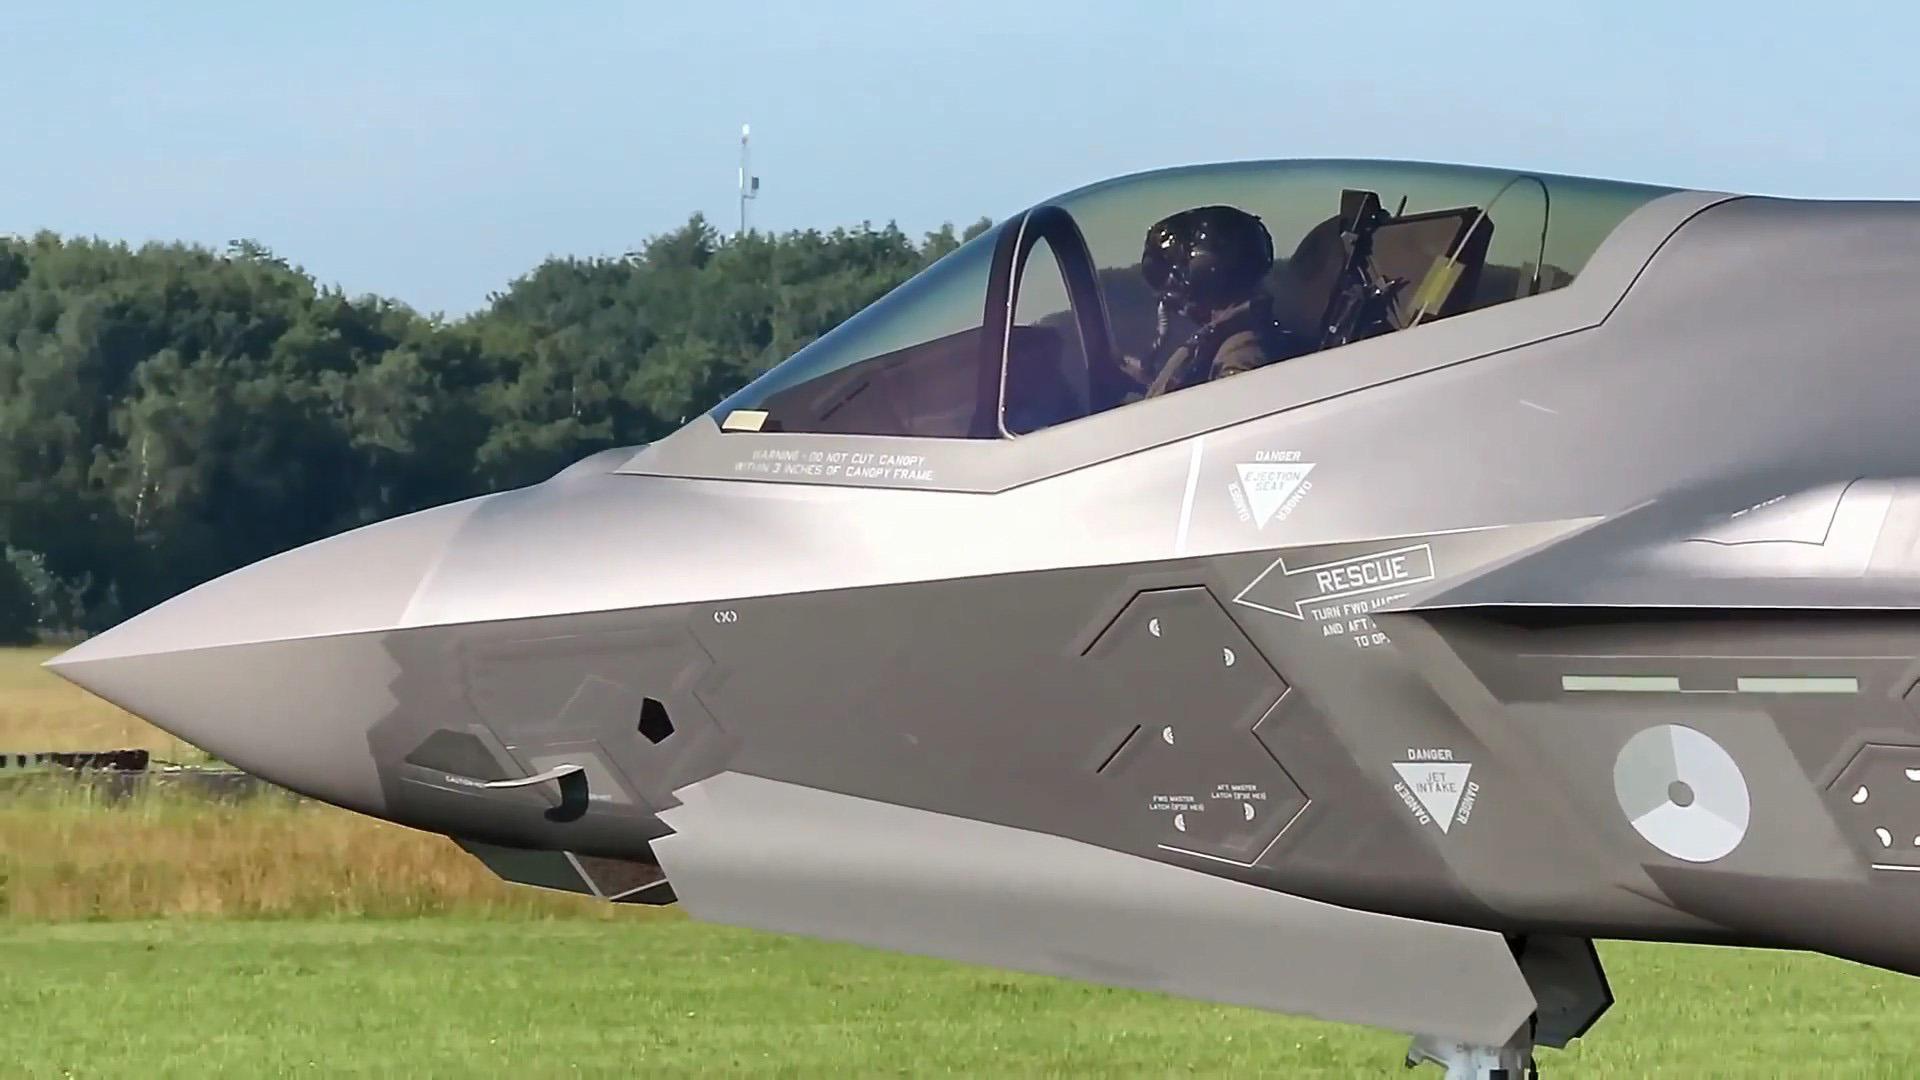 """荷兰空军F-35A""""闪电II""""战斗机,起飞离开沃克尔空军基地!"""